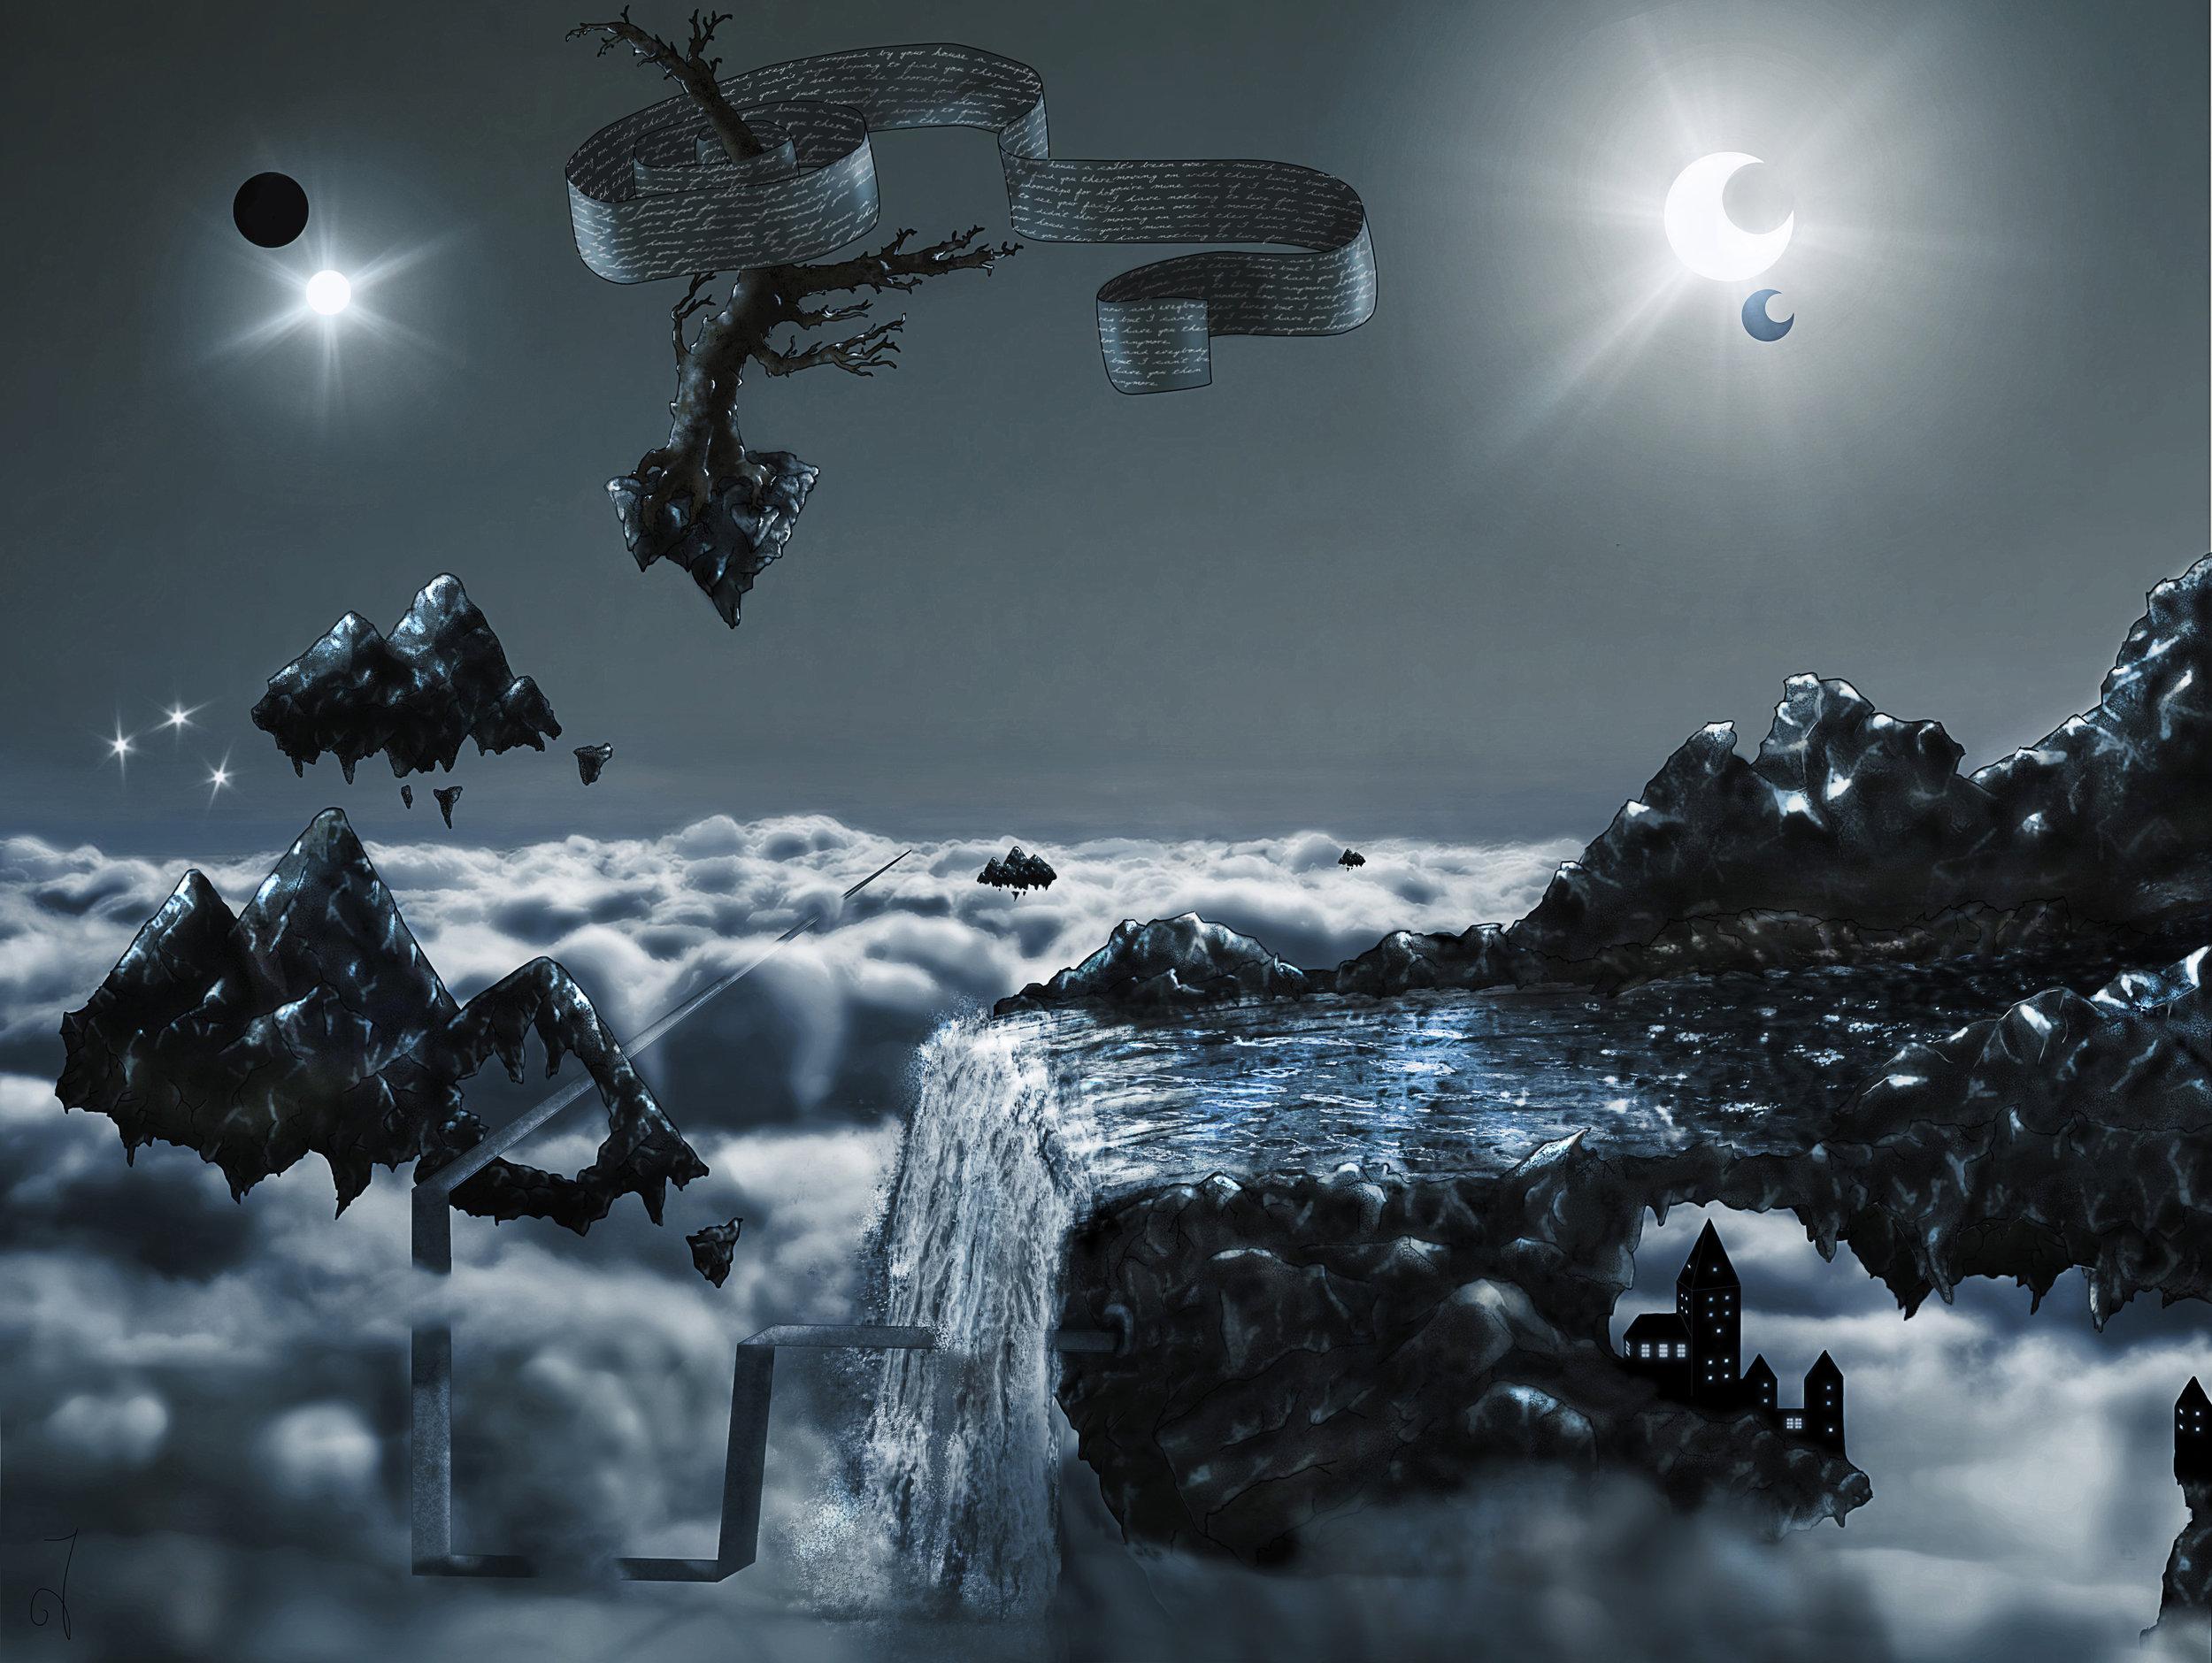 Infinity - Surreal LandscapeDate: Original 2008 - Digital 2011Tools: Pencil - Paper - Photoshop - Wacom Tablet - PC